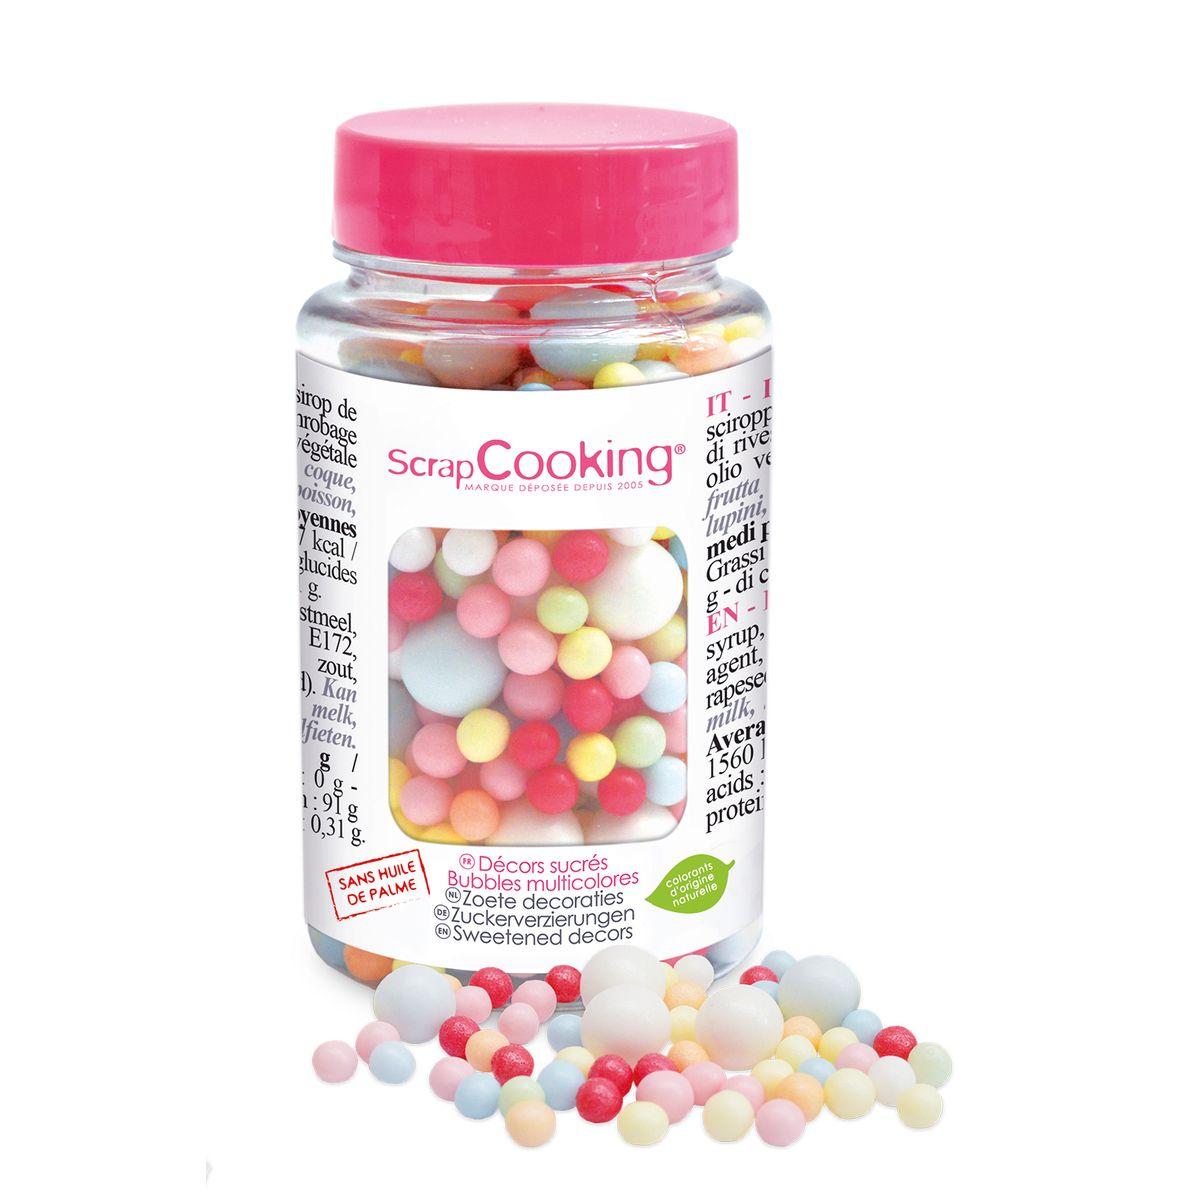 Pot de décors en sucre bubbles multicolores 70 gr - Scrapcooking